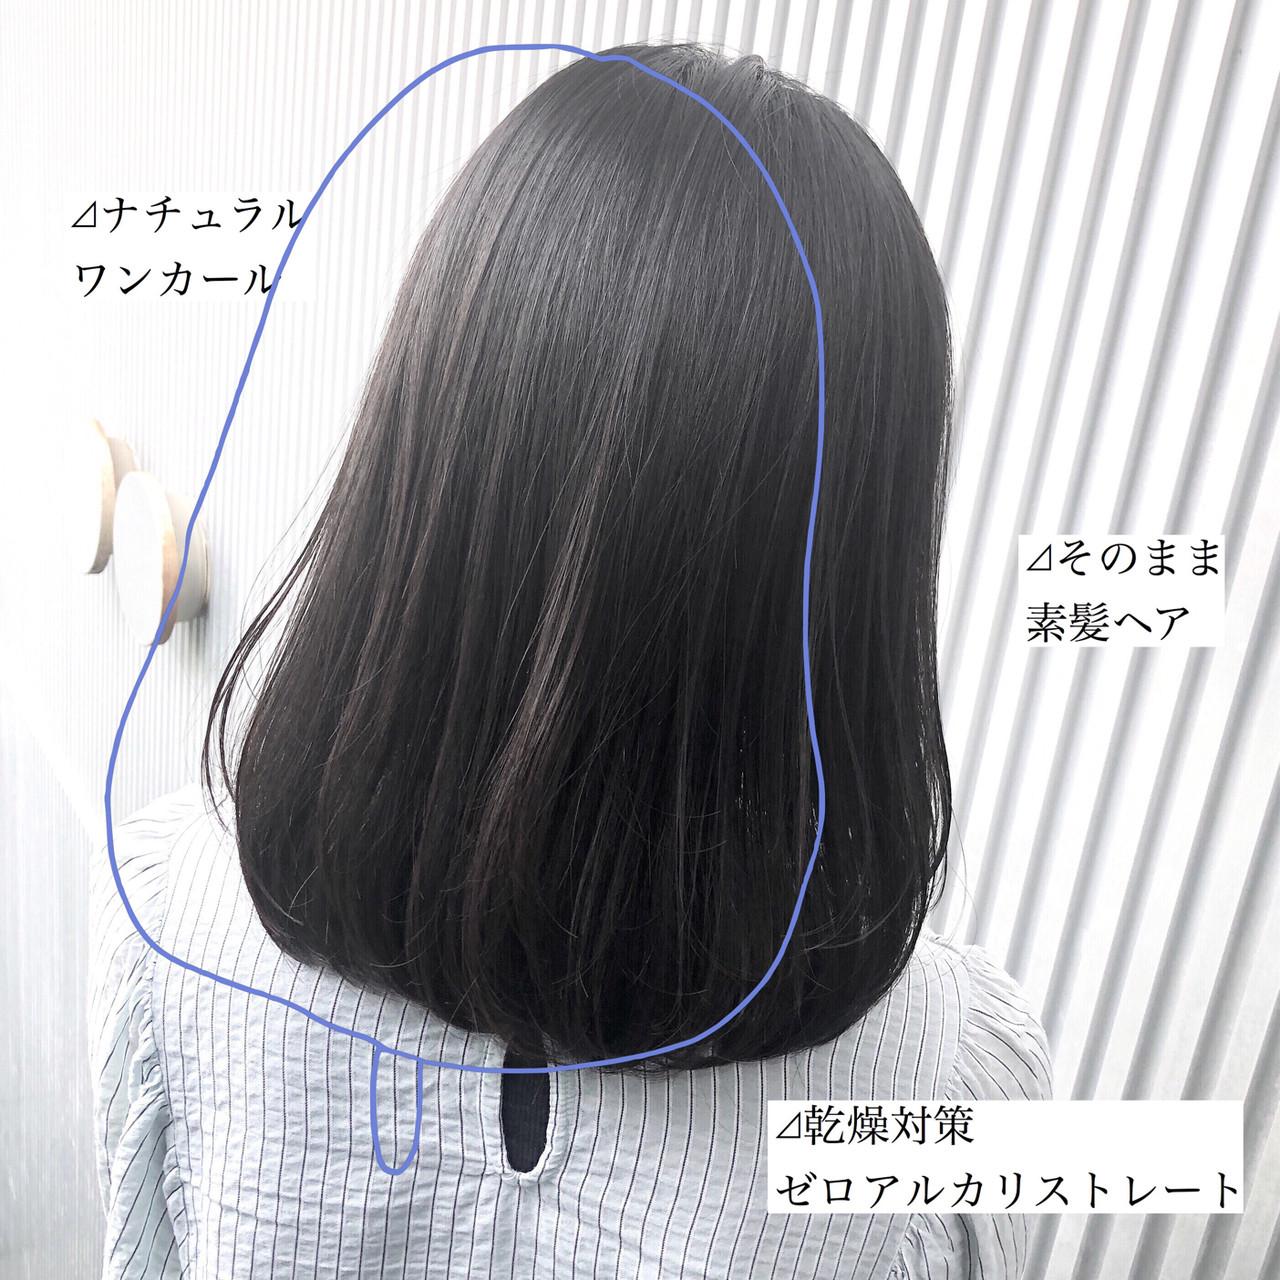 ミディアム 前髪 ストレート 縮毛矯正 ヘアスタイルや髪型の写真・画像